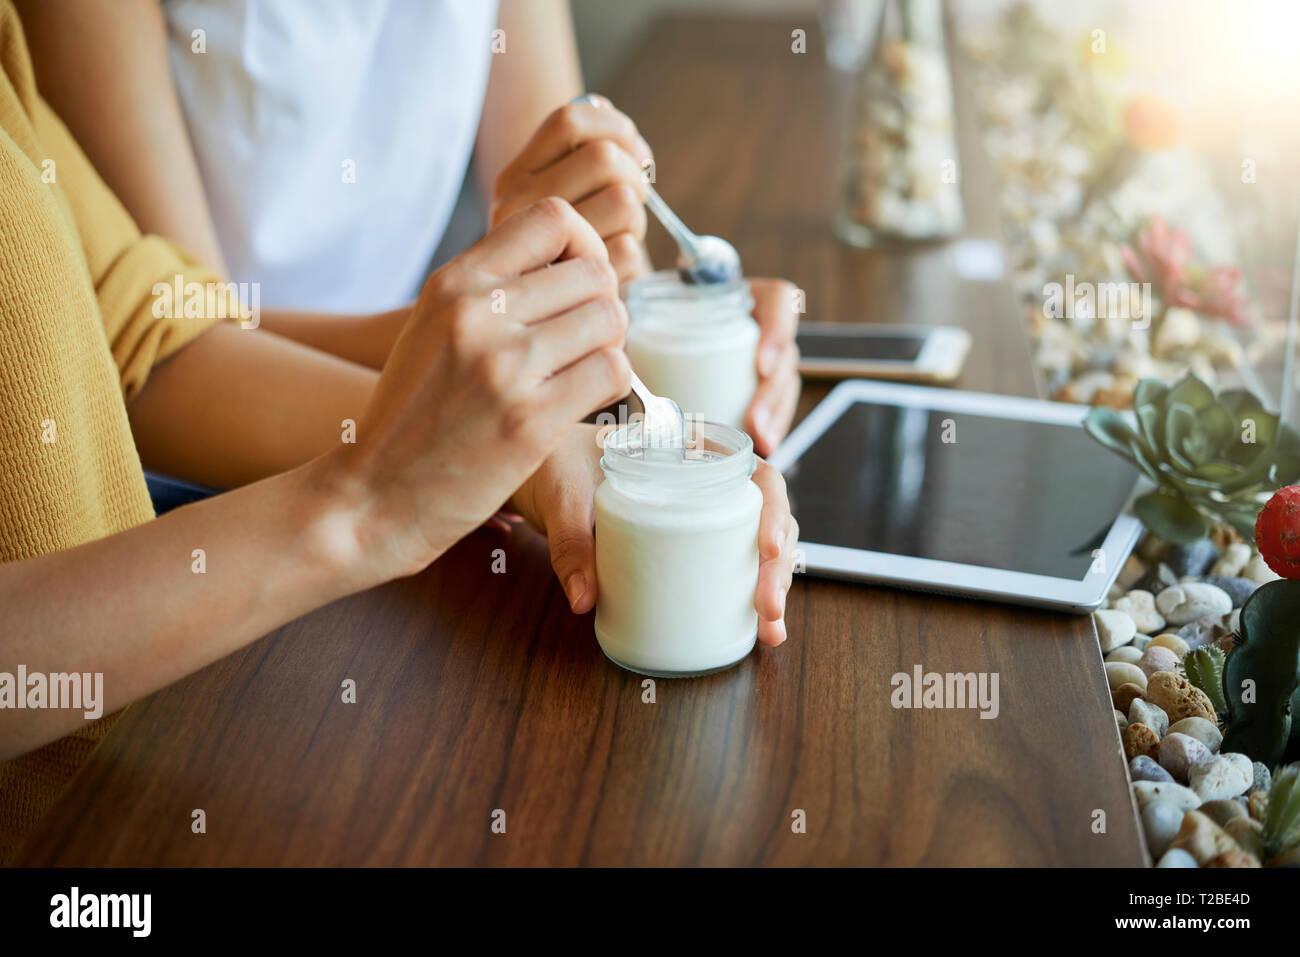 Frau essen griechischer Joghurt Stockbild